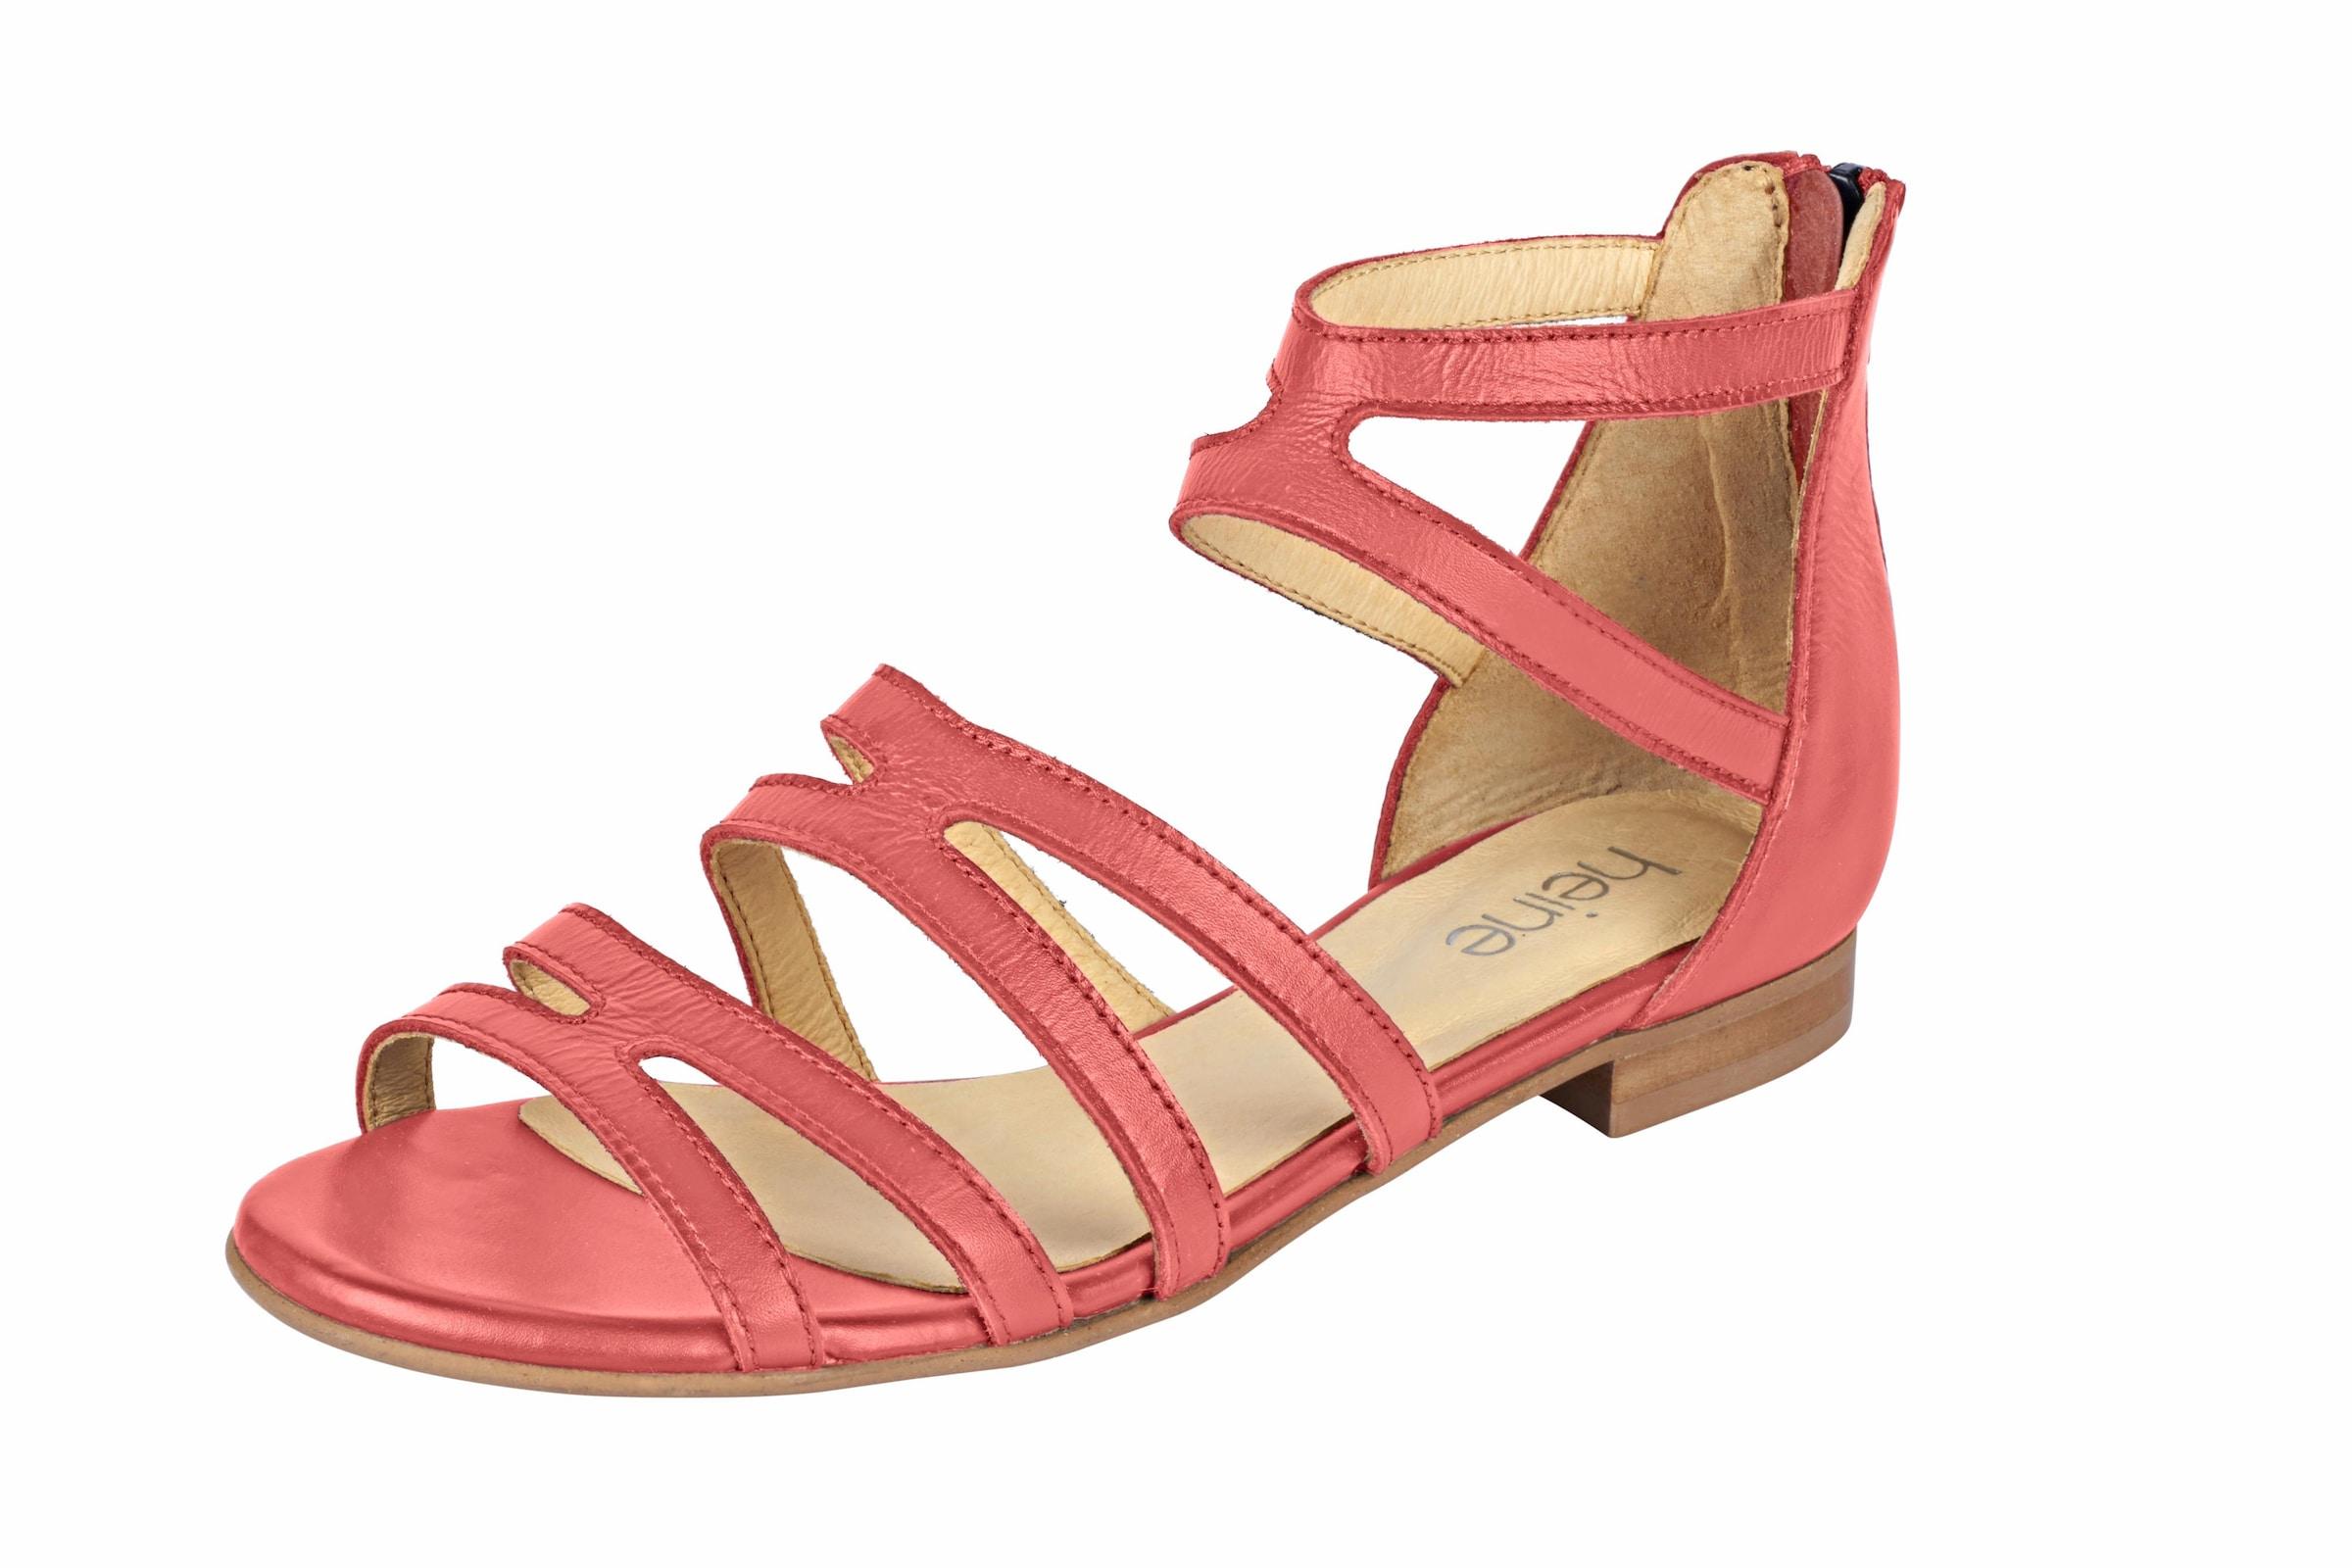 heine Sandalette mit Fesselriemchen Günstige und langlebige Schuhe